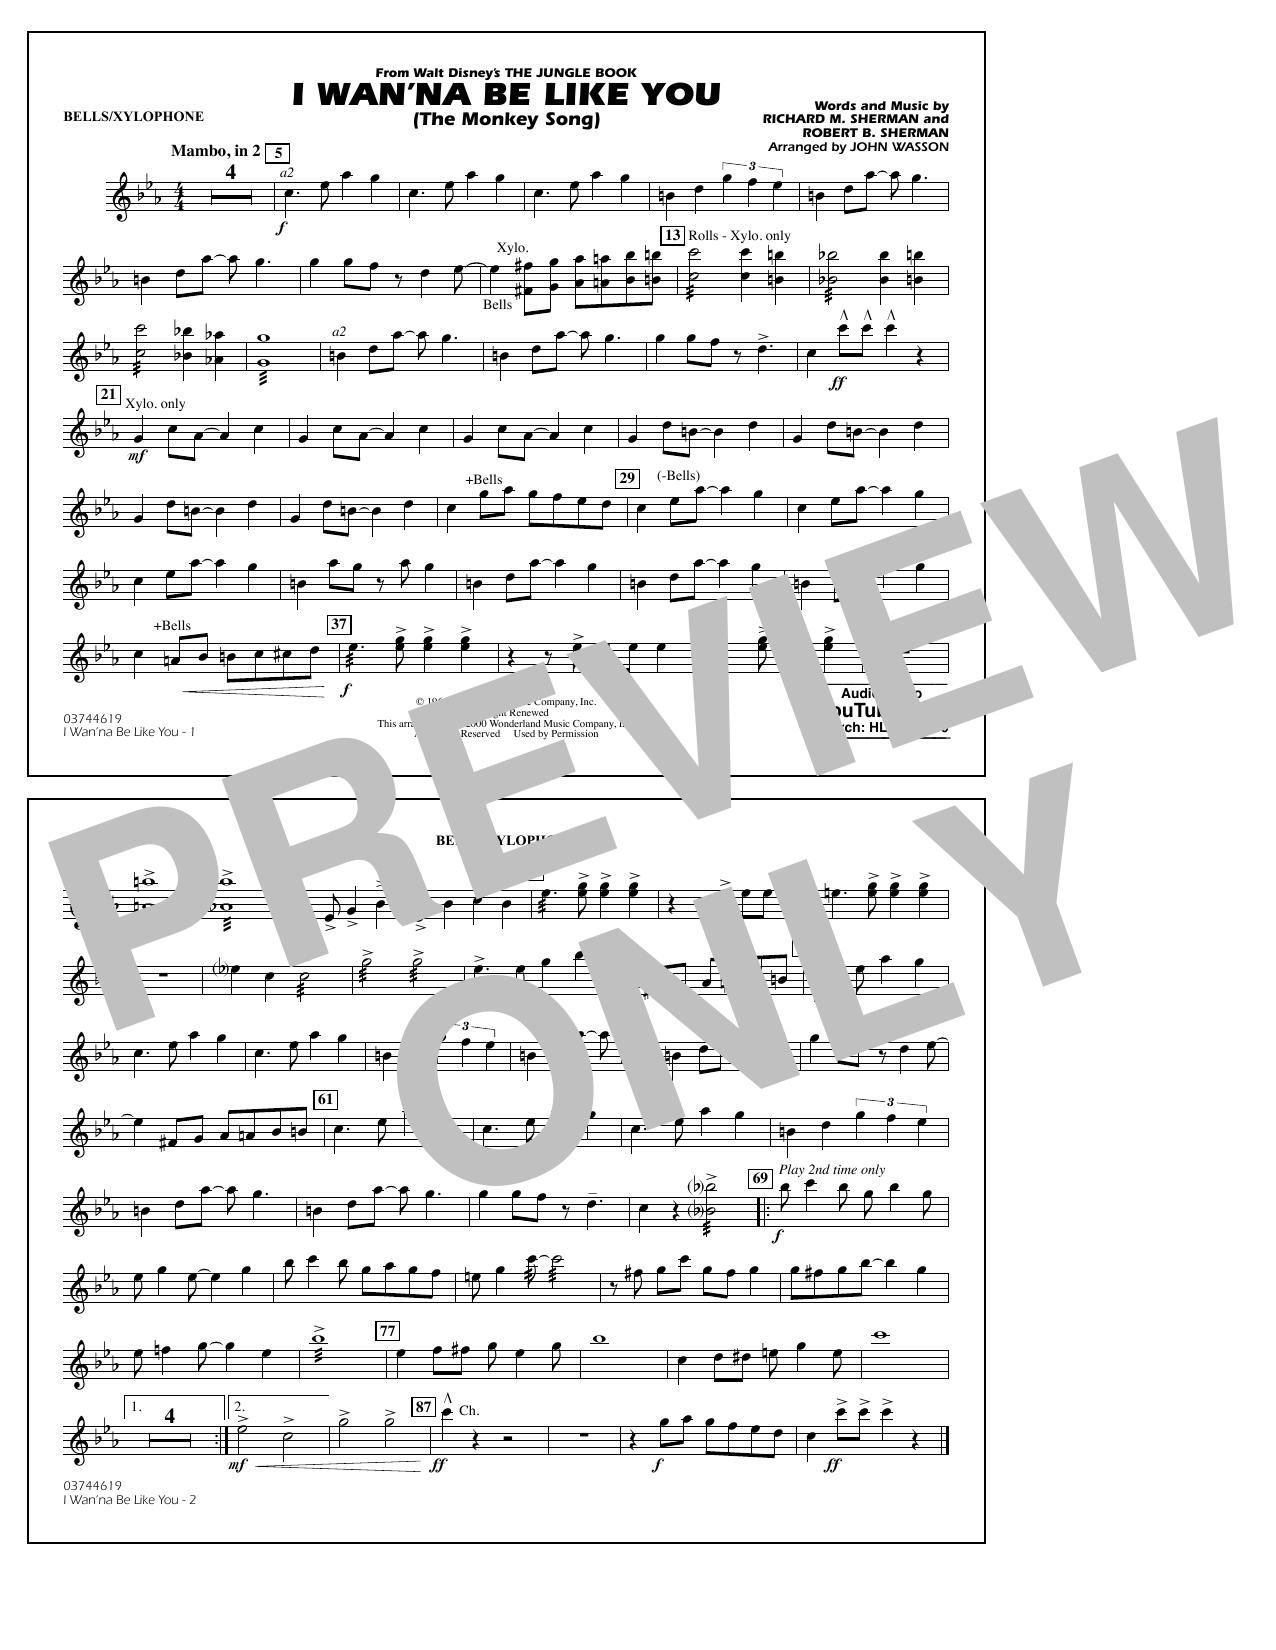 Robert B. Sherman - I Wan'na Be Like You - Bells/Xylophone